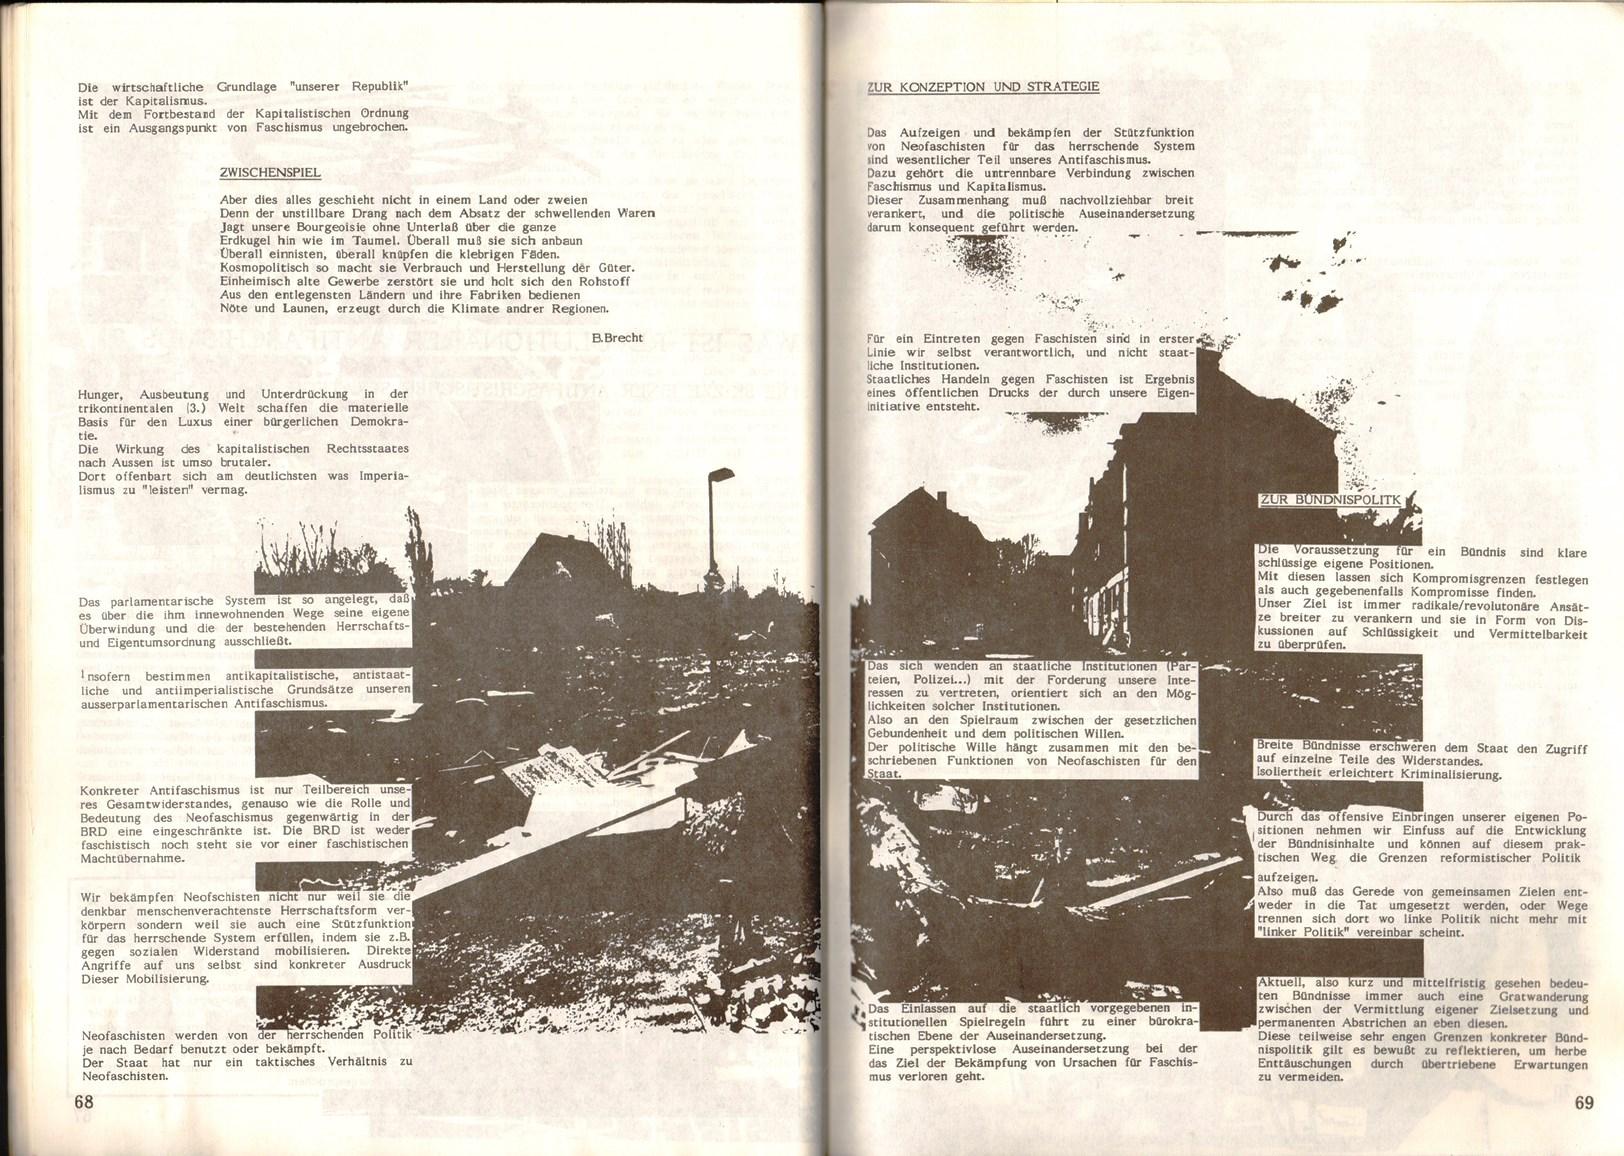 Gelsenkirchen_Zukunft_Vergangenheit_1988_35